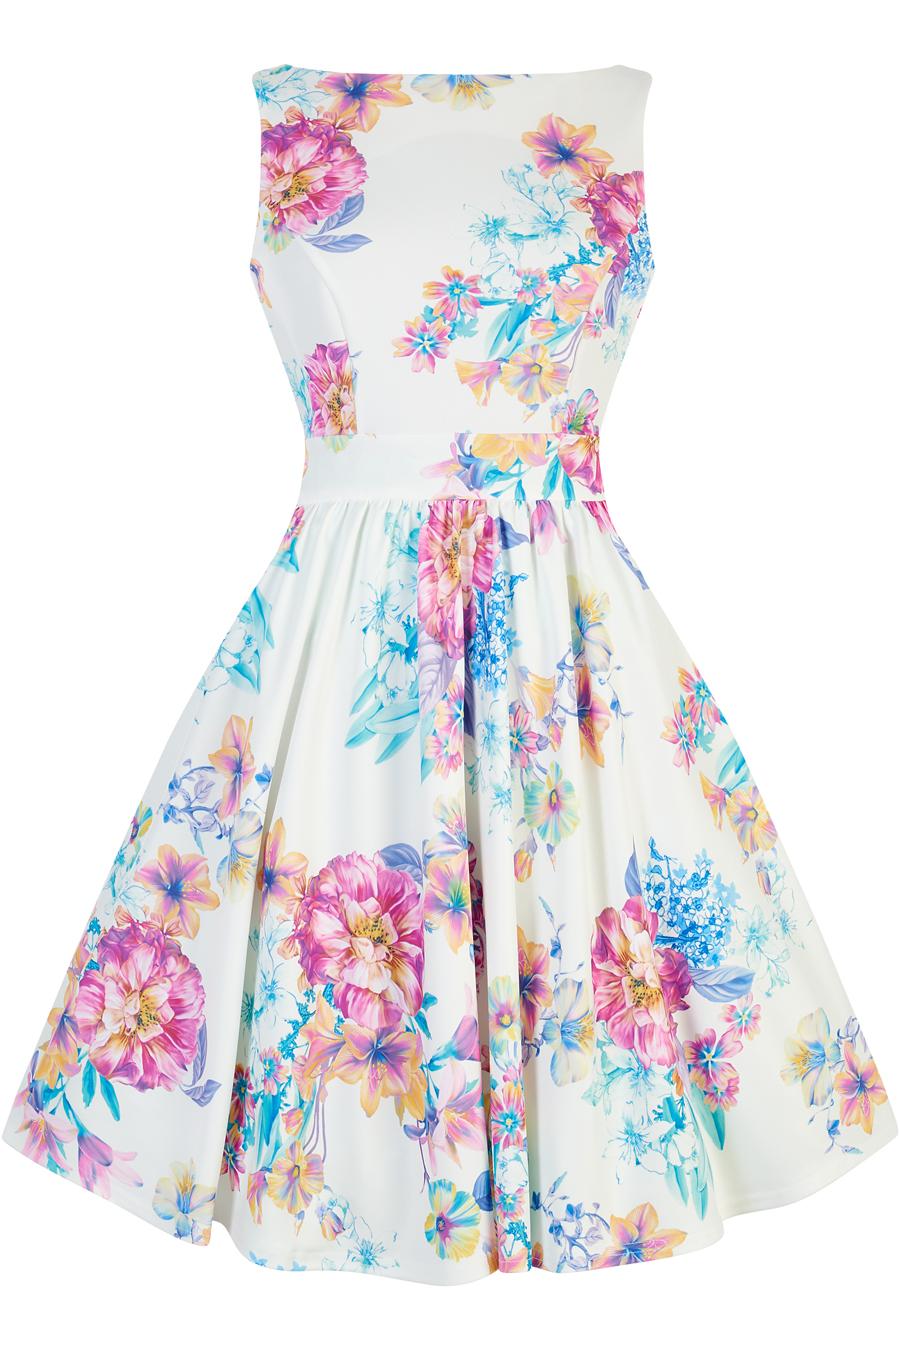 Bílé šaty s barevnými květy Lady V London Tea Lady V London  787cf5fe88